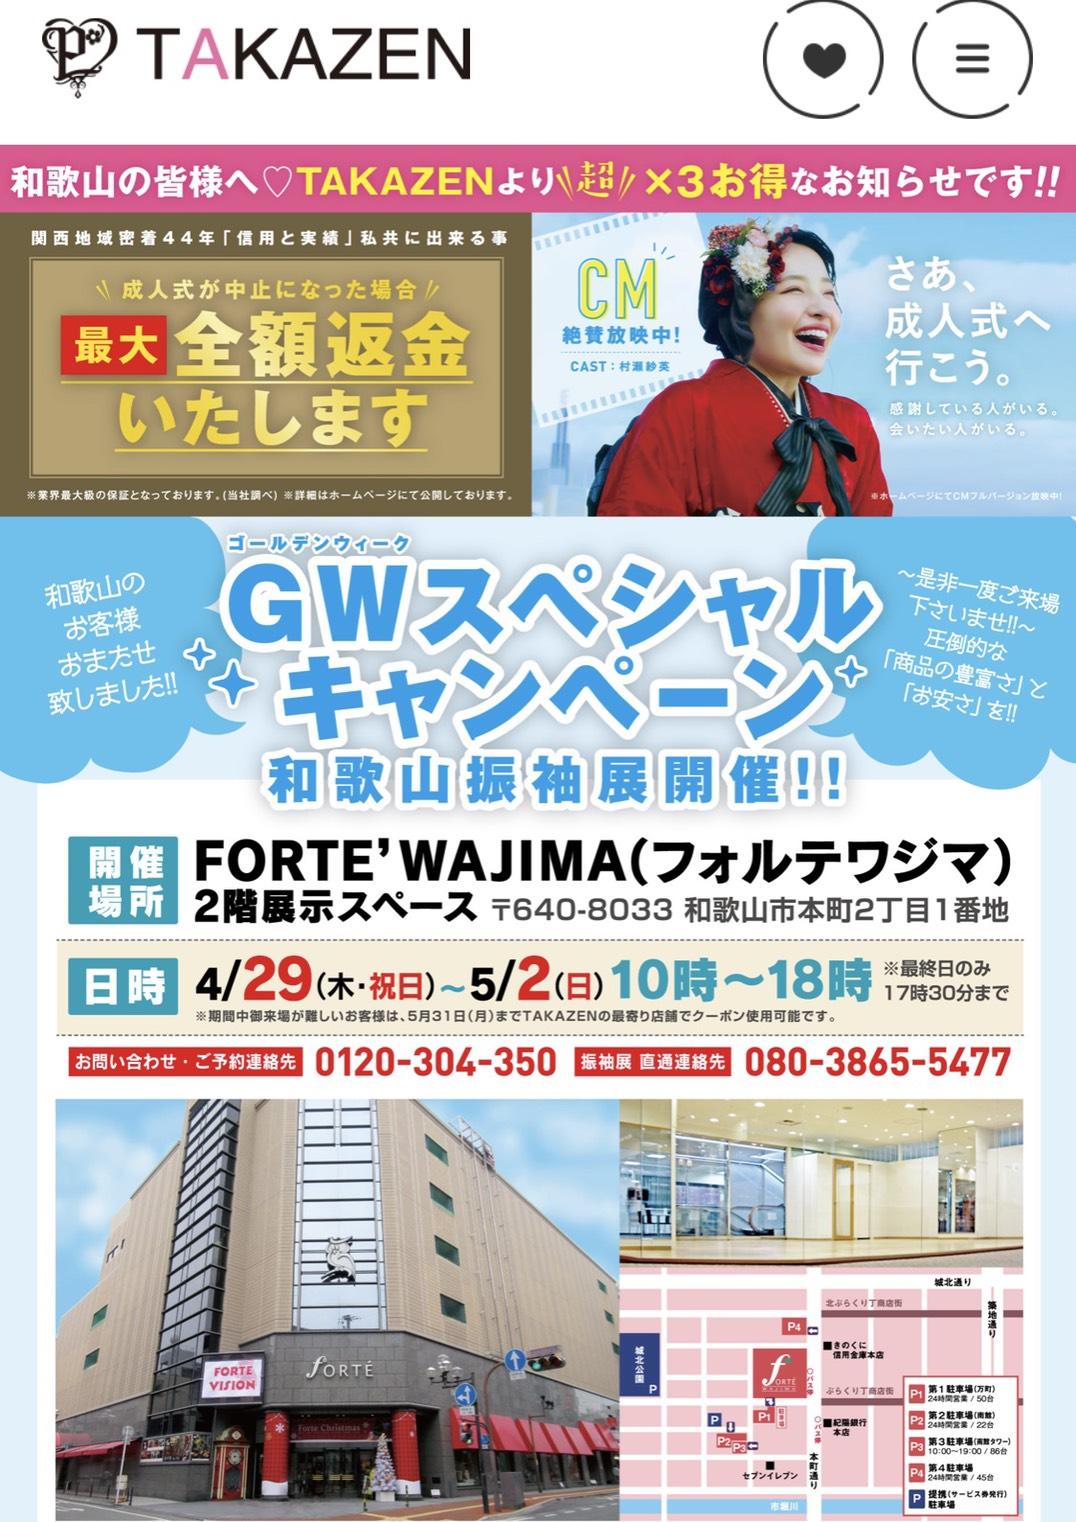 和歌山県でTAKAZEN大展示会を開催します✨✨✨